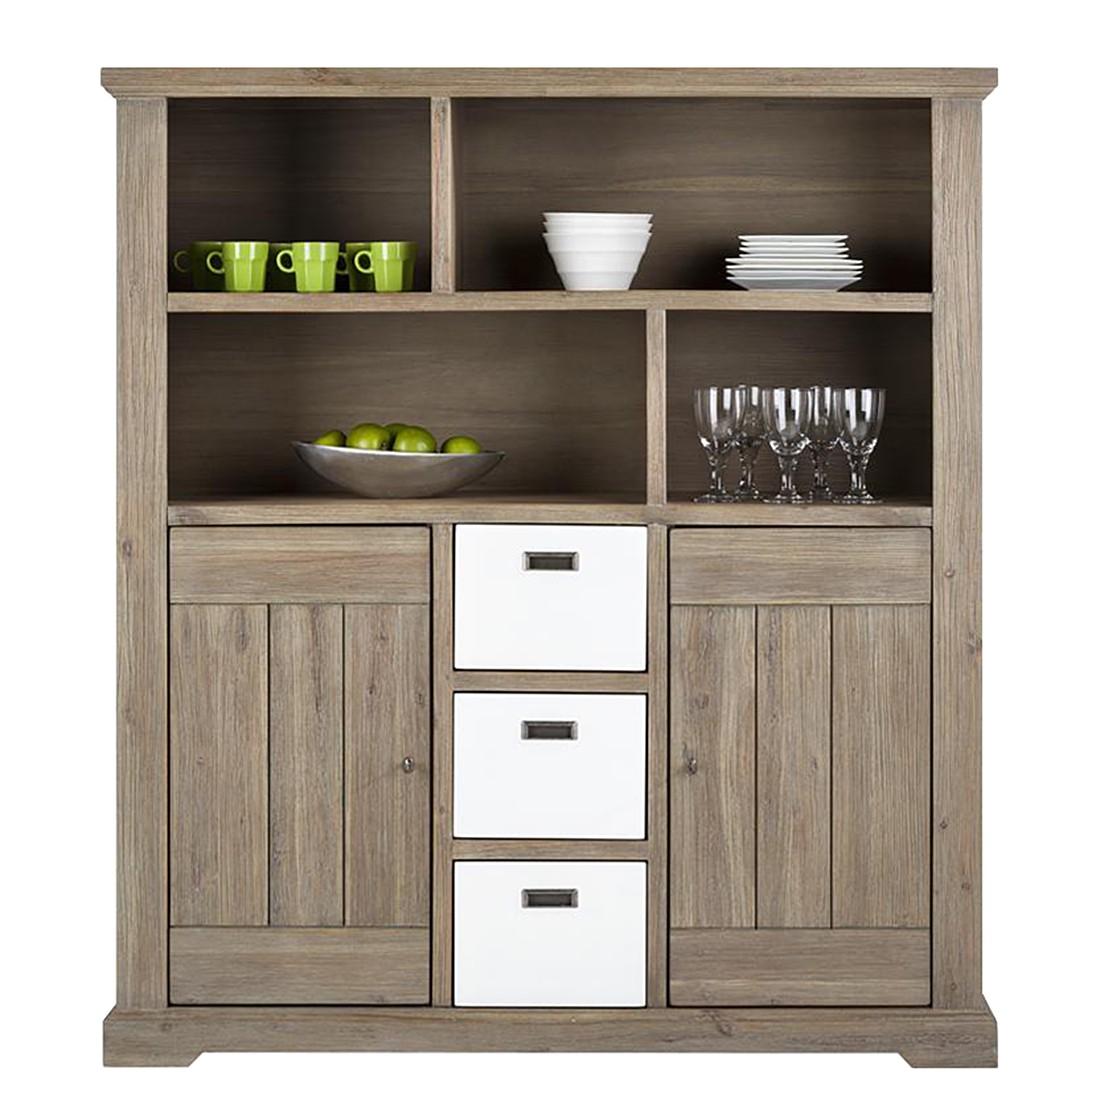 tingby beistelltisch mit rollen wei ikea tipps vom einrichter. Black Bedroom Furniture Sets. Home Design Ideas